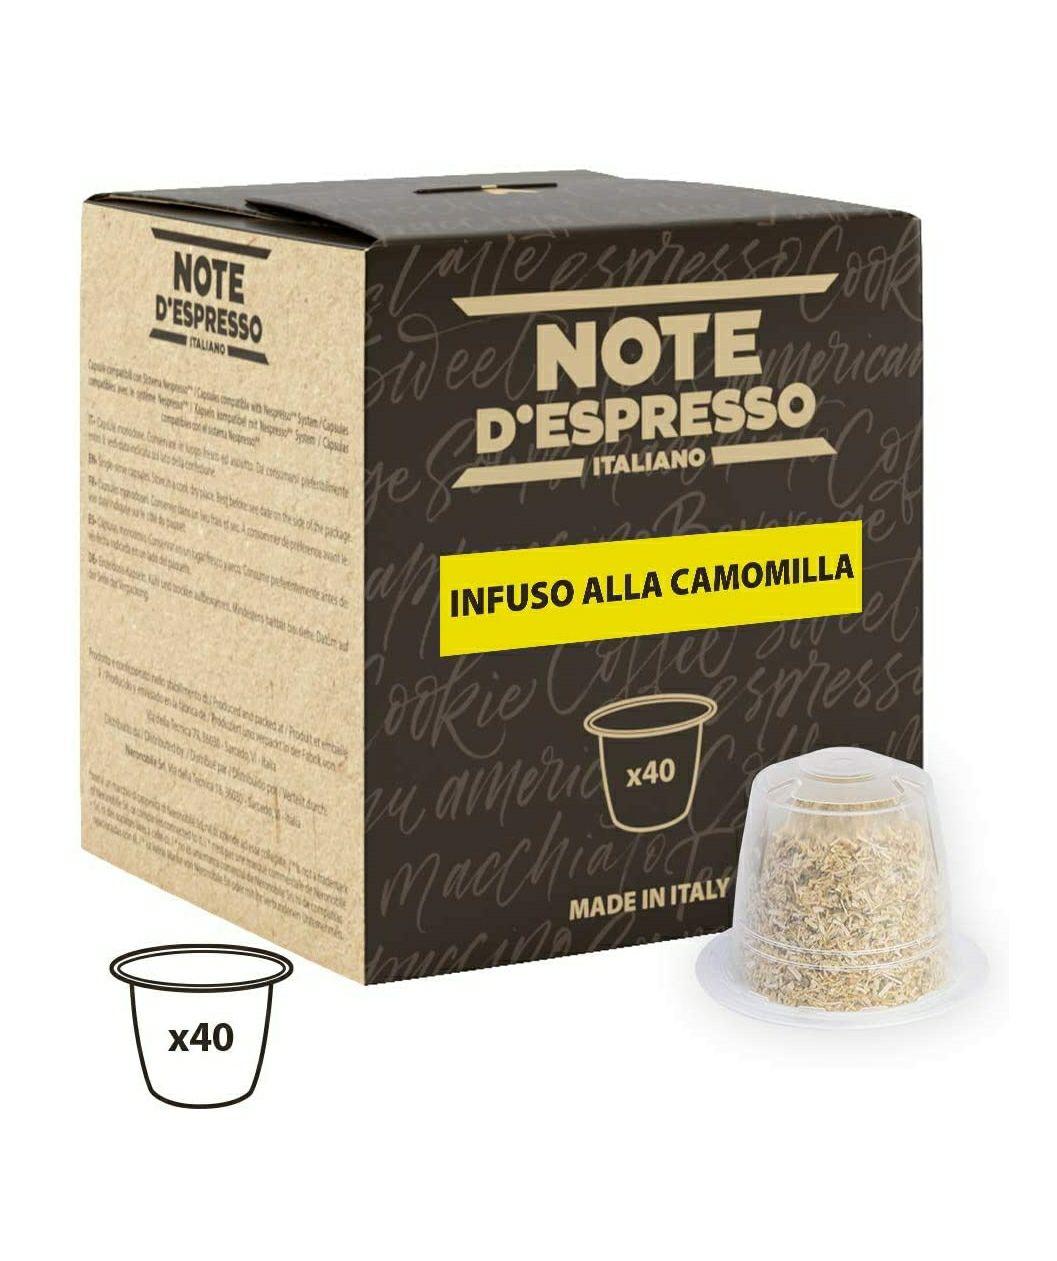 Note D'Espresso - Cápsulas de manzanilla exclusivamente compatibles con cafeteras Nespresso, 2g (caja de 40 unidades)